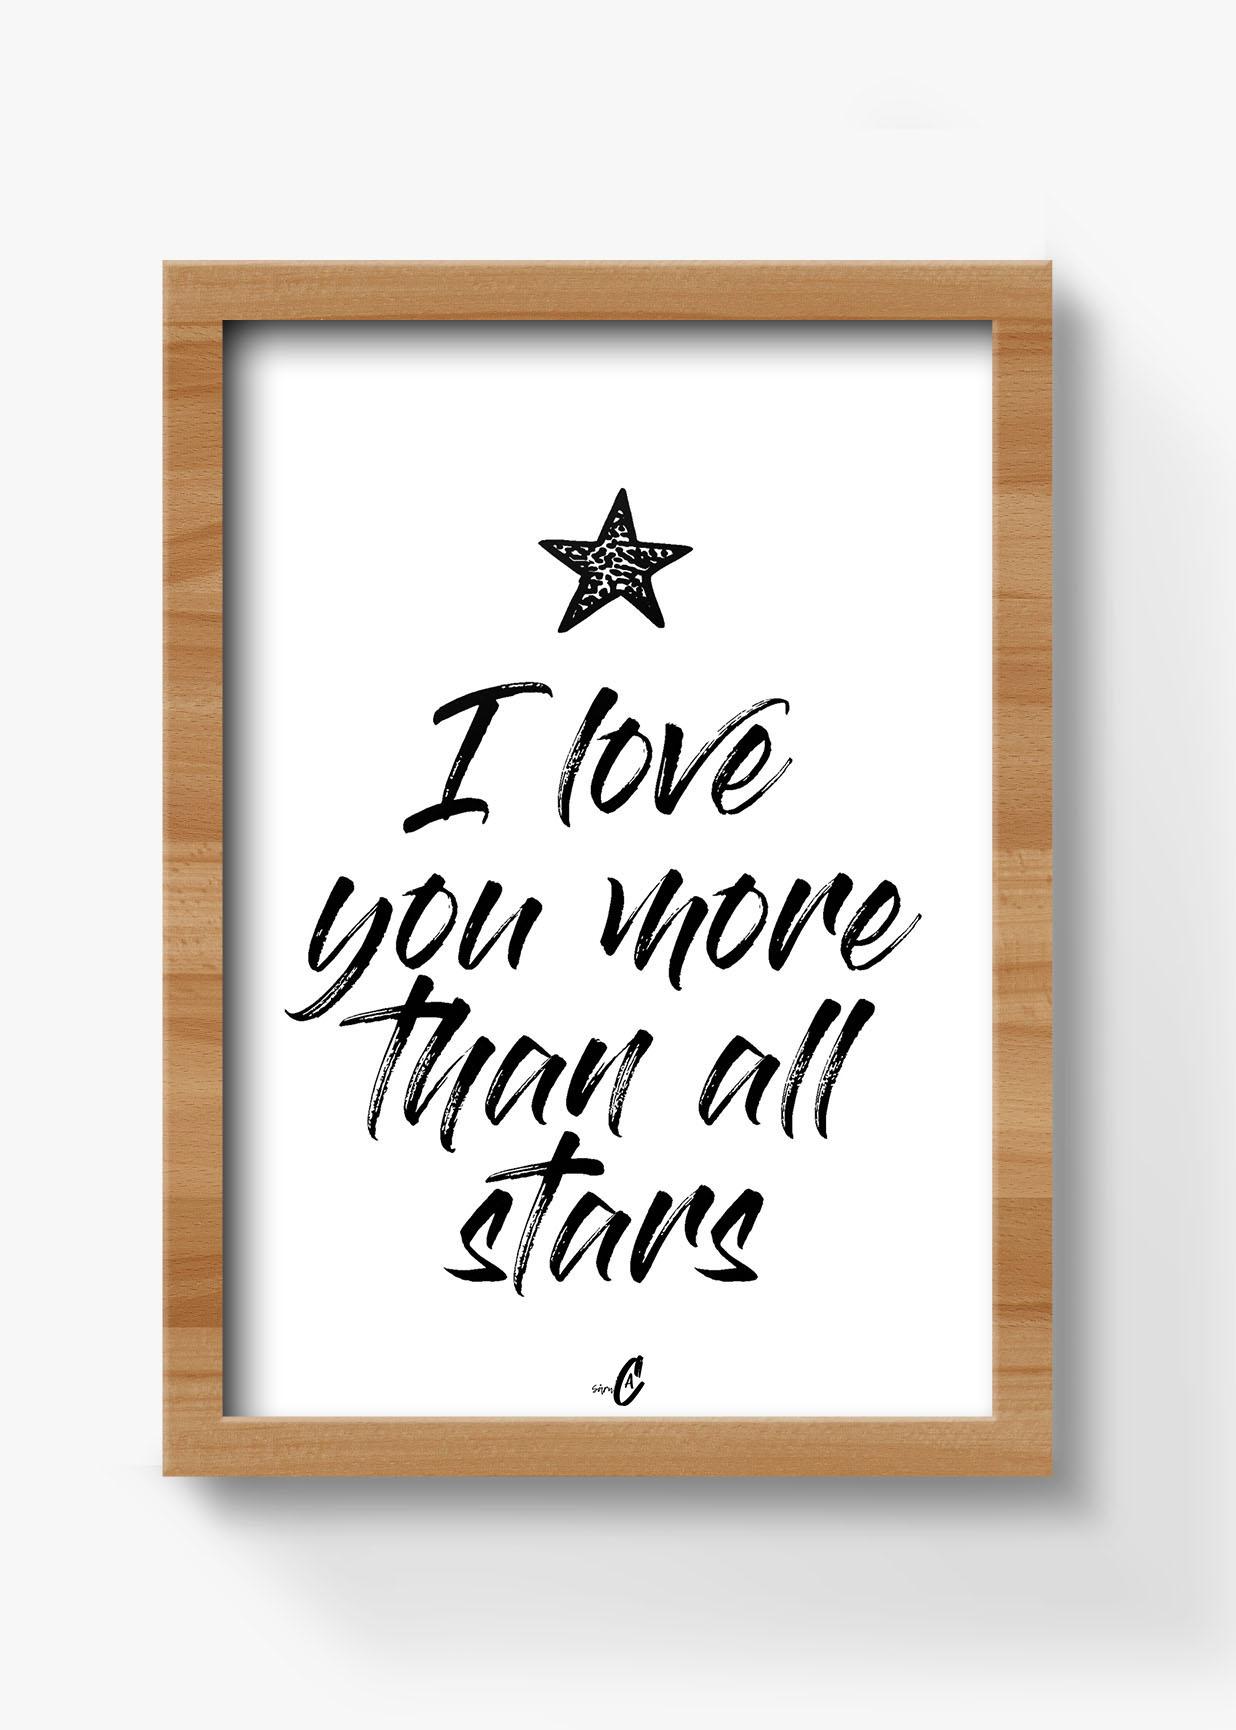 plakat med tekst, i love you more than all stars